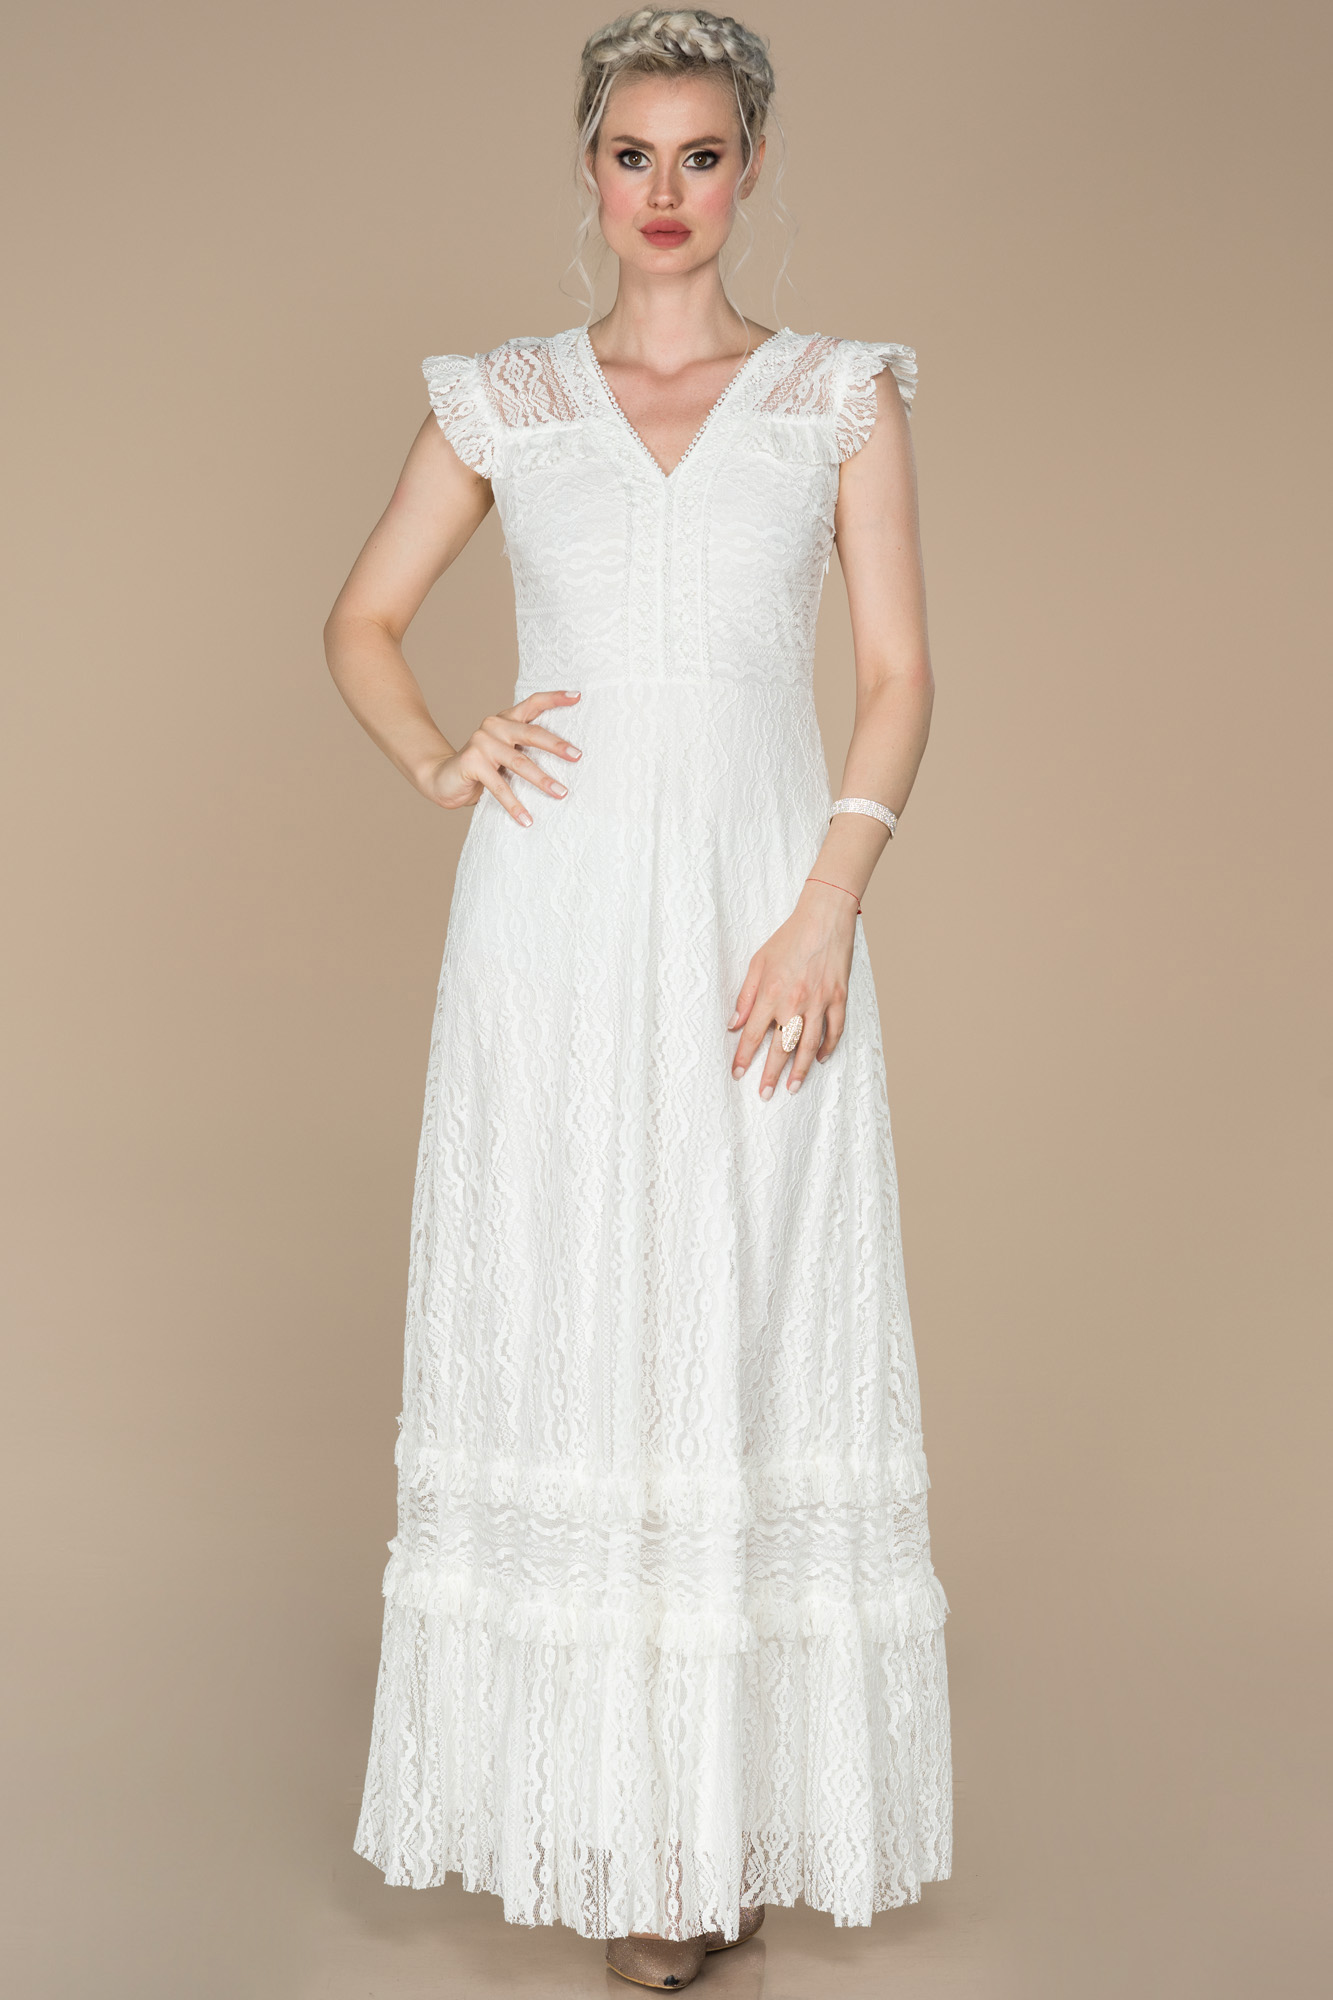 Ekru Transparan Detaylı Dantel Kumaş Abiye Elbise